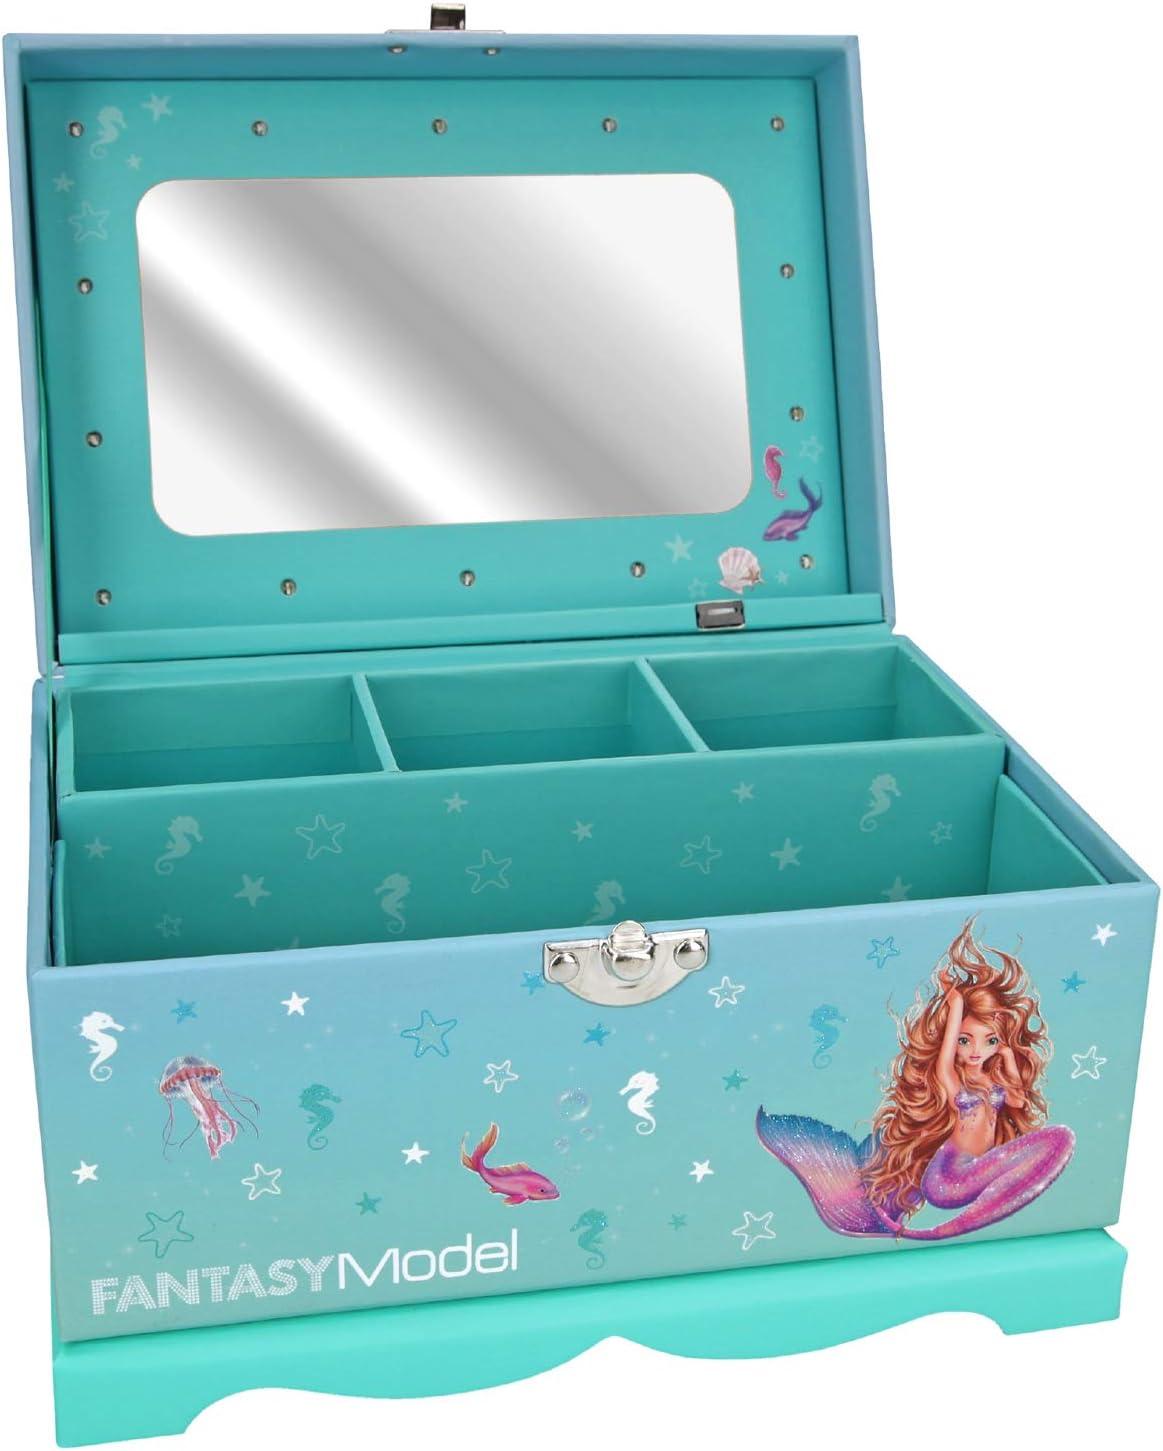 Portagioie con Luce Depesche 10948 FANTASYModel Mermaid ca 18,5 x 13,5 x 14 cm